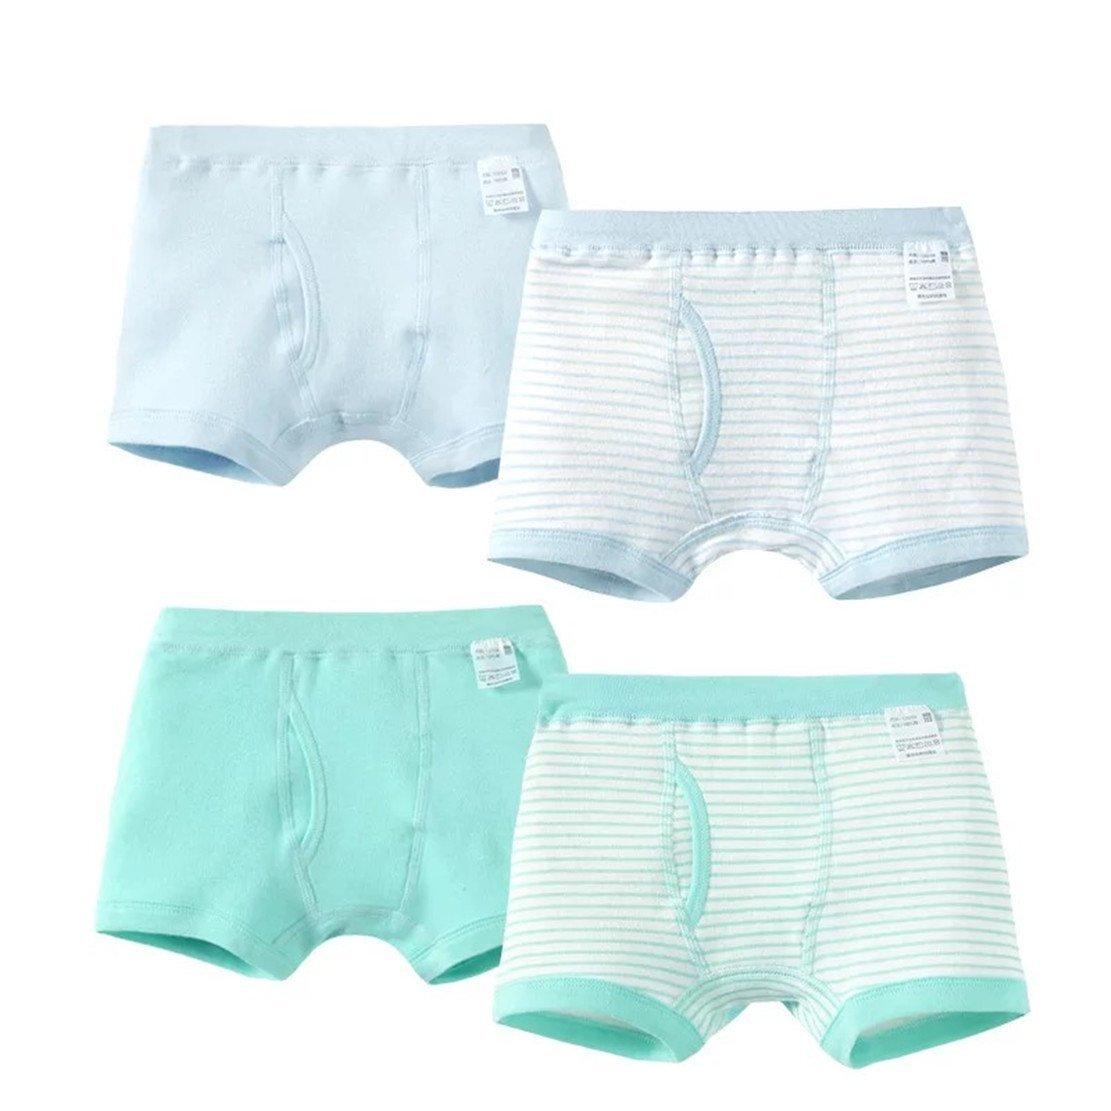 1931trendy 100% Cotton Boys Underwear Little Boy's Brief 4 Packs